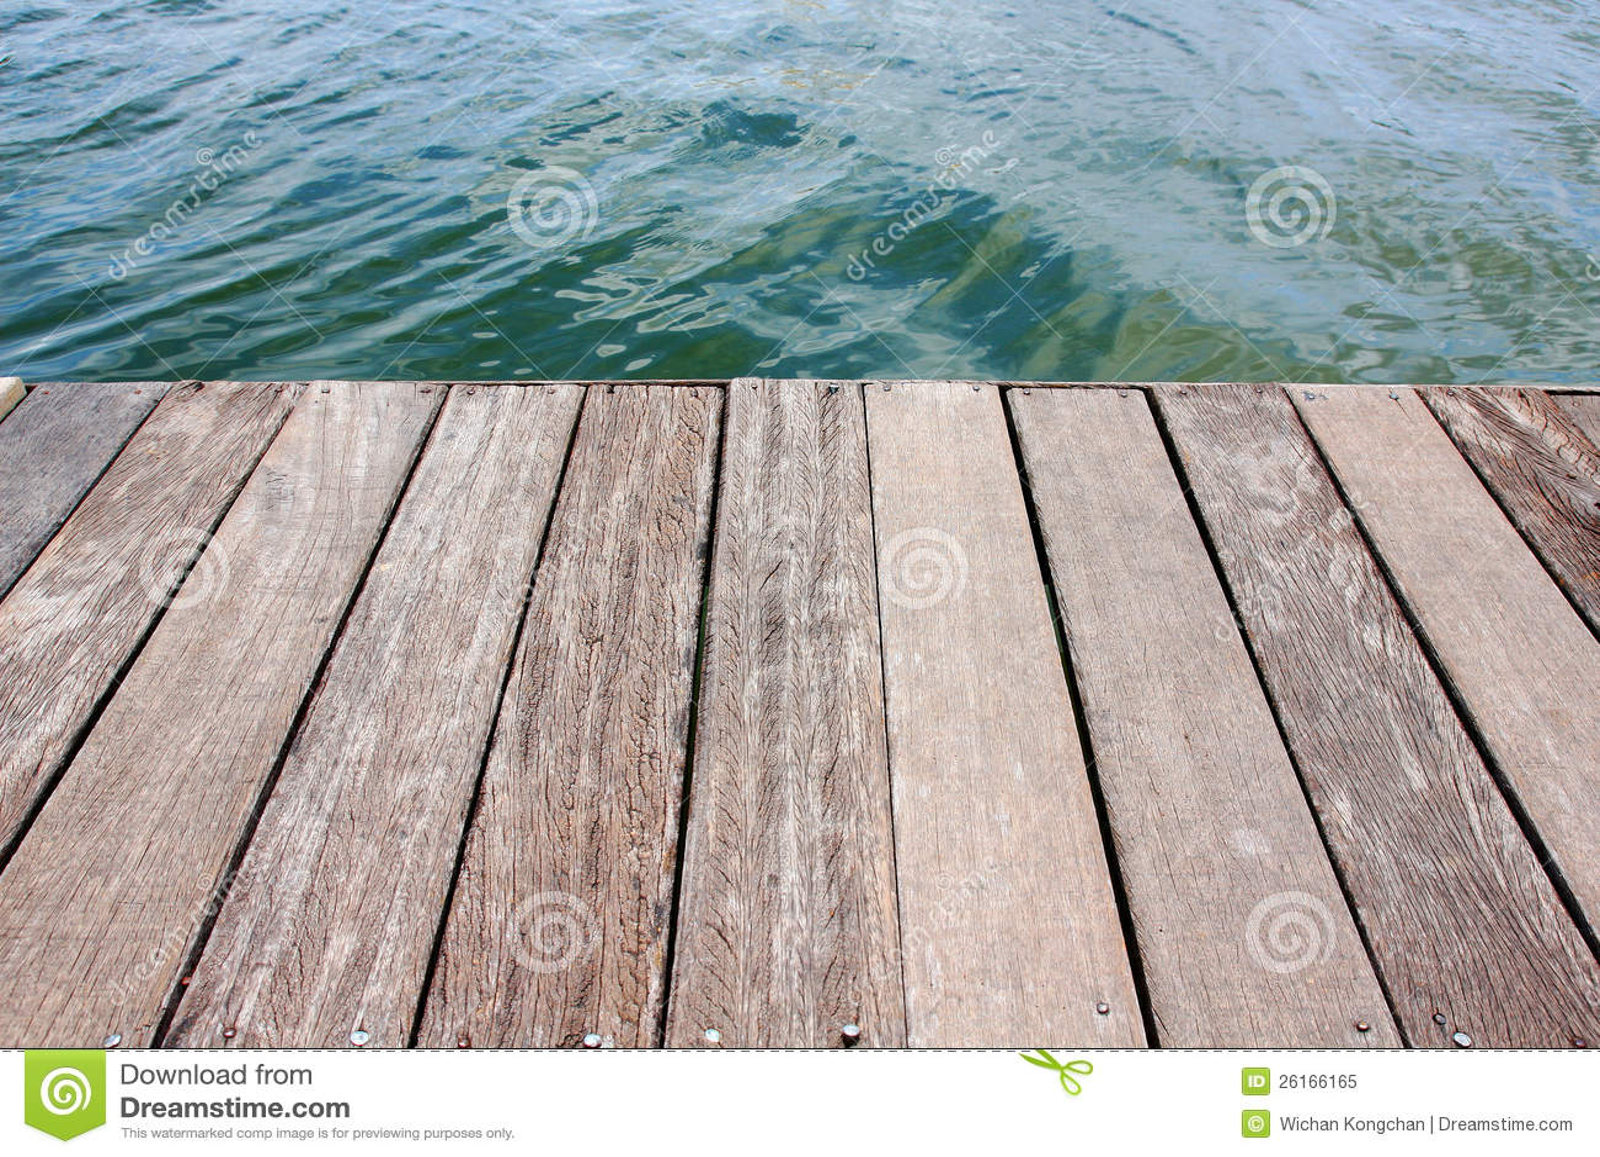 Wood deck near water